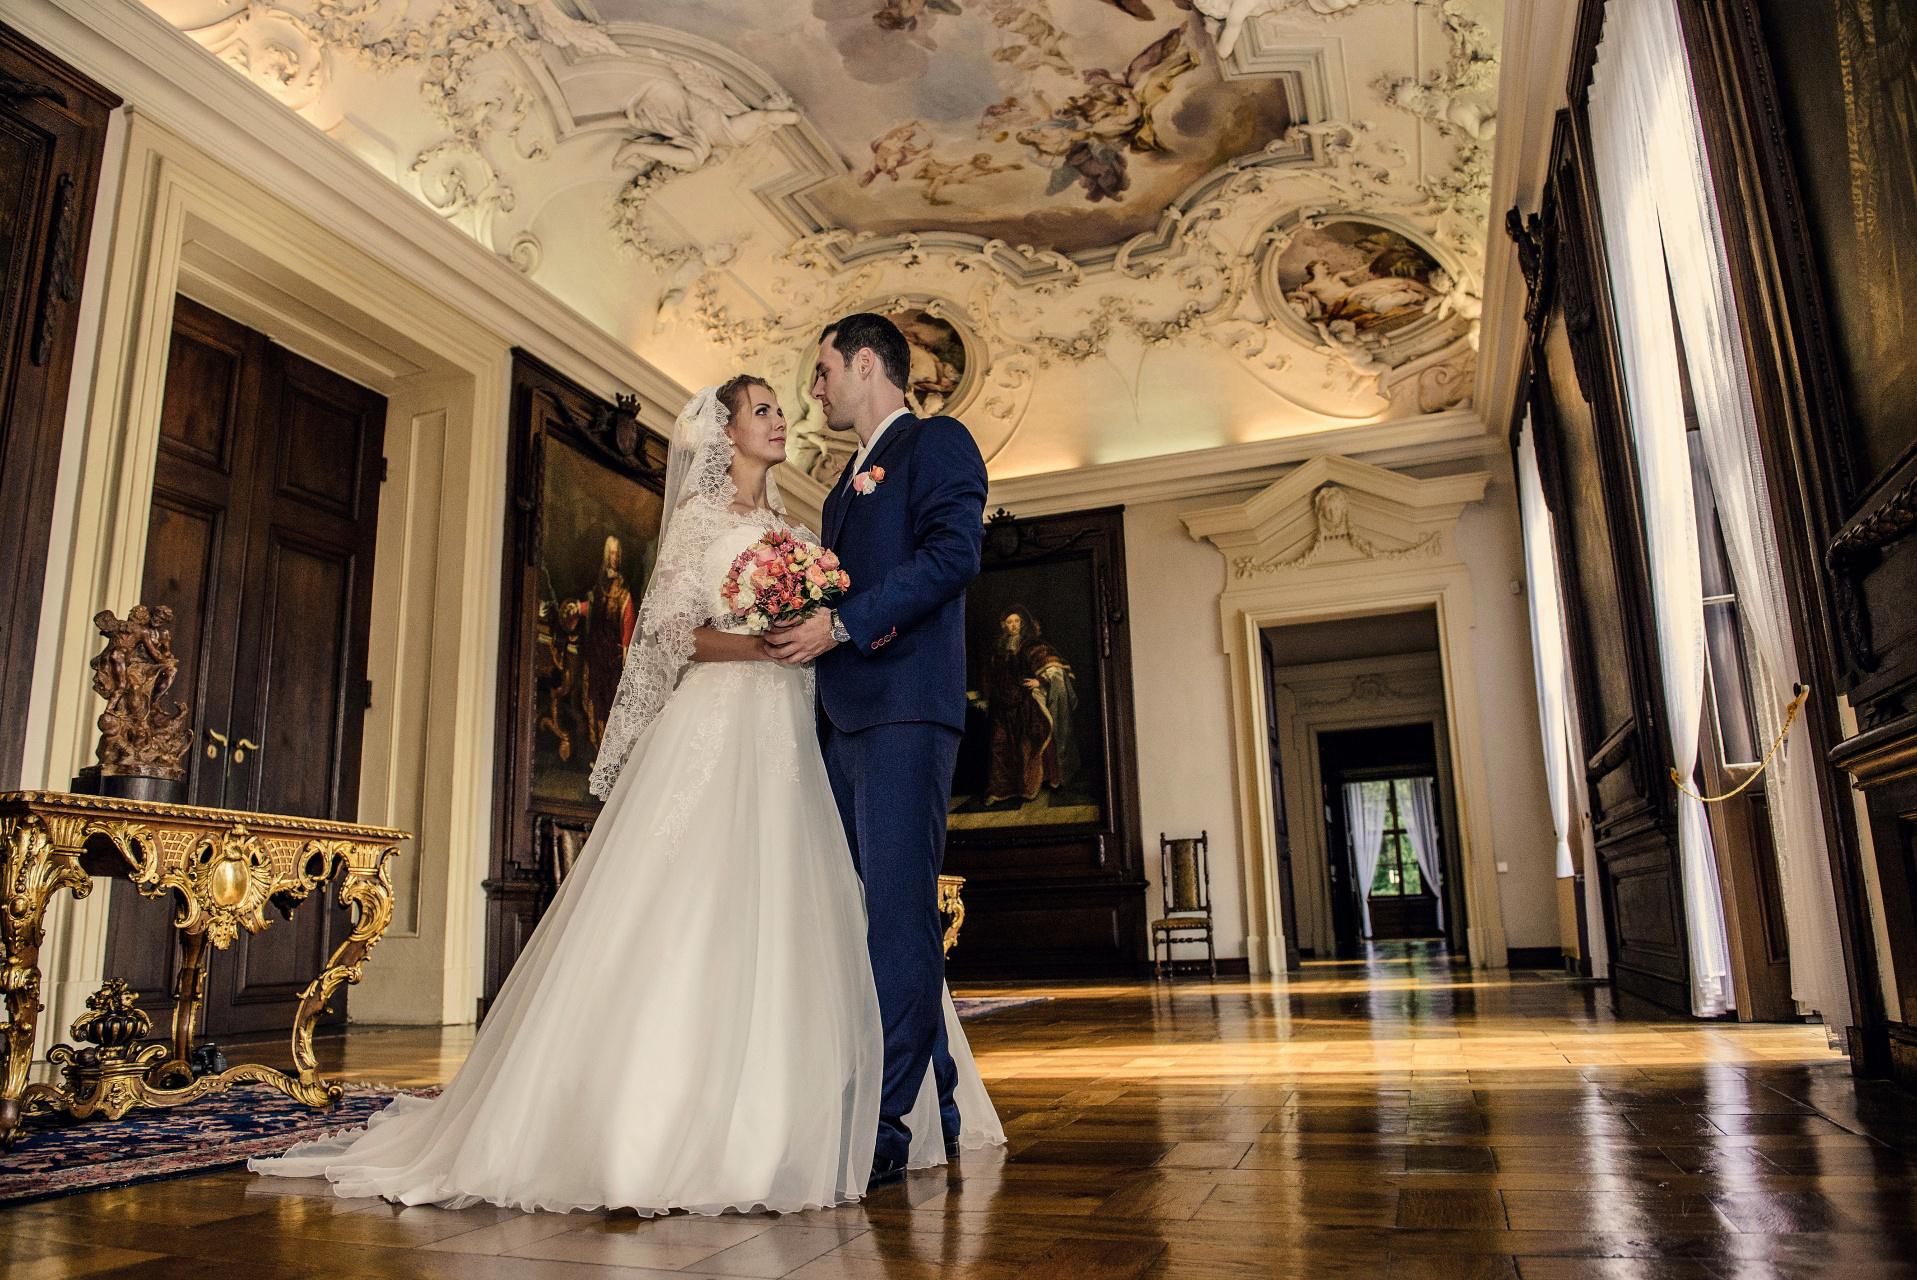 Svatební fotograf Pavel Zahálka ví, jak nafotit krásné momenty